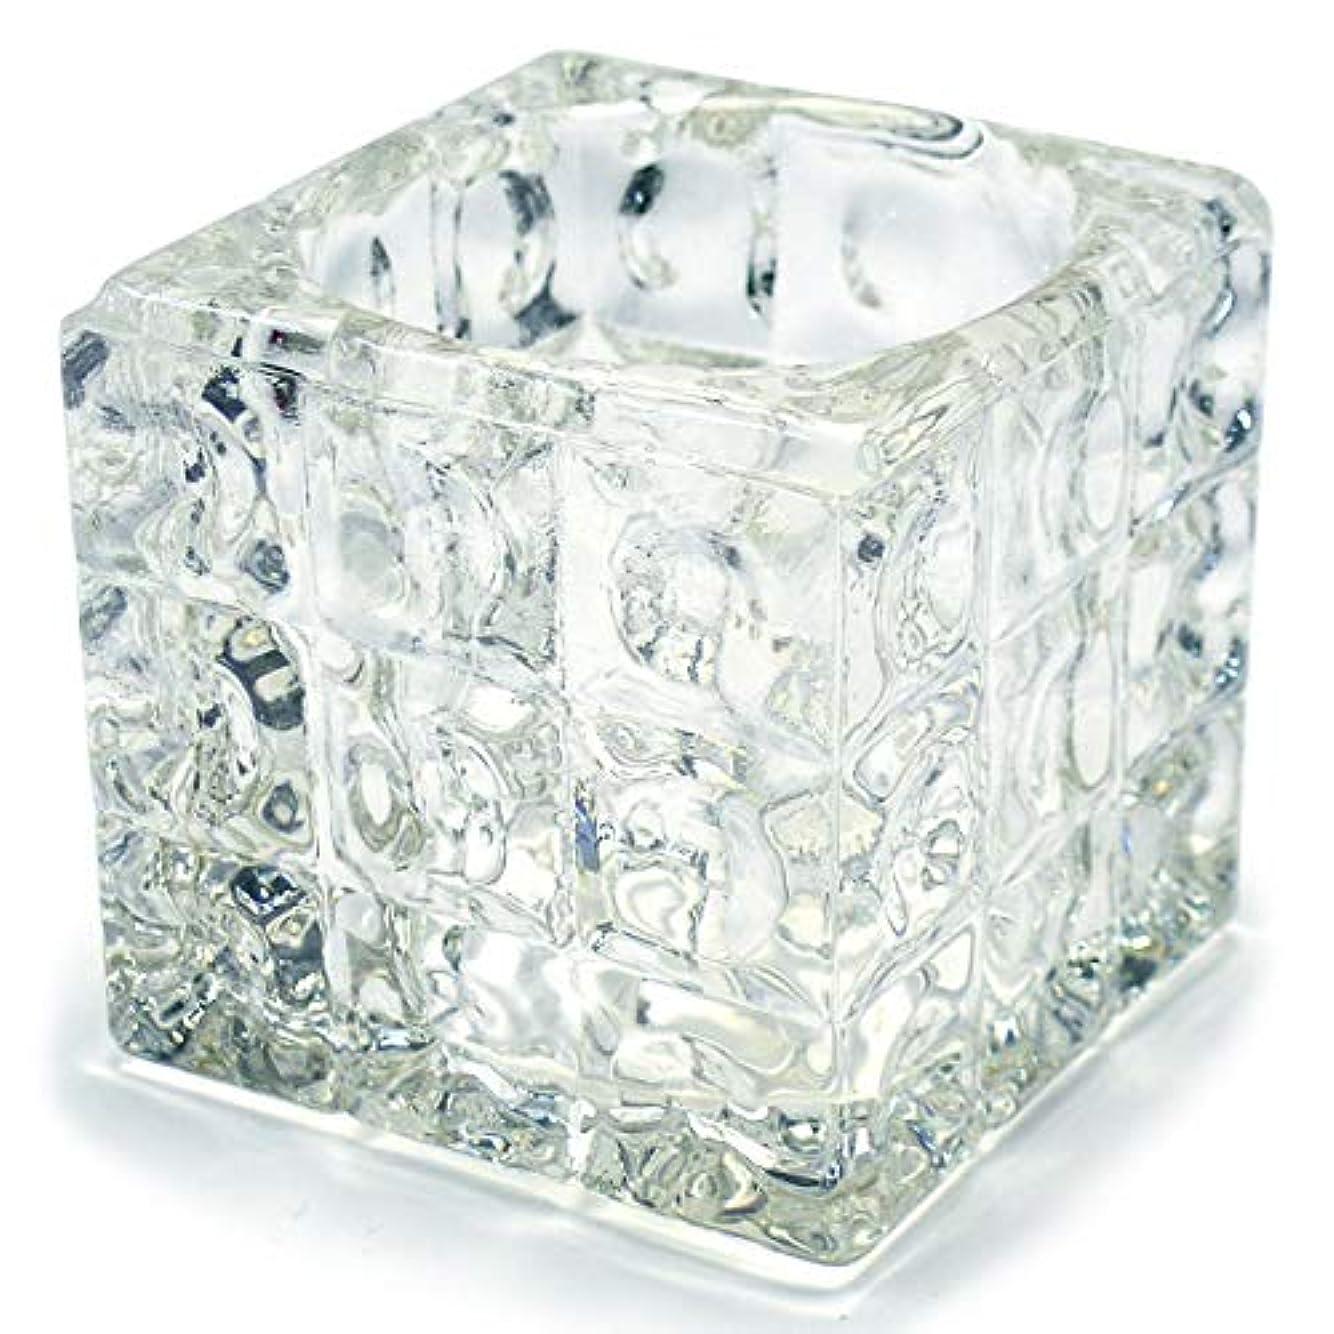 けん引グラフジレンマキャンドルホルダー ガラス 2 キャンドルスタンド クリスマス ティーキャンドル 誕生日 記念日